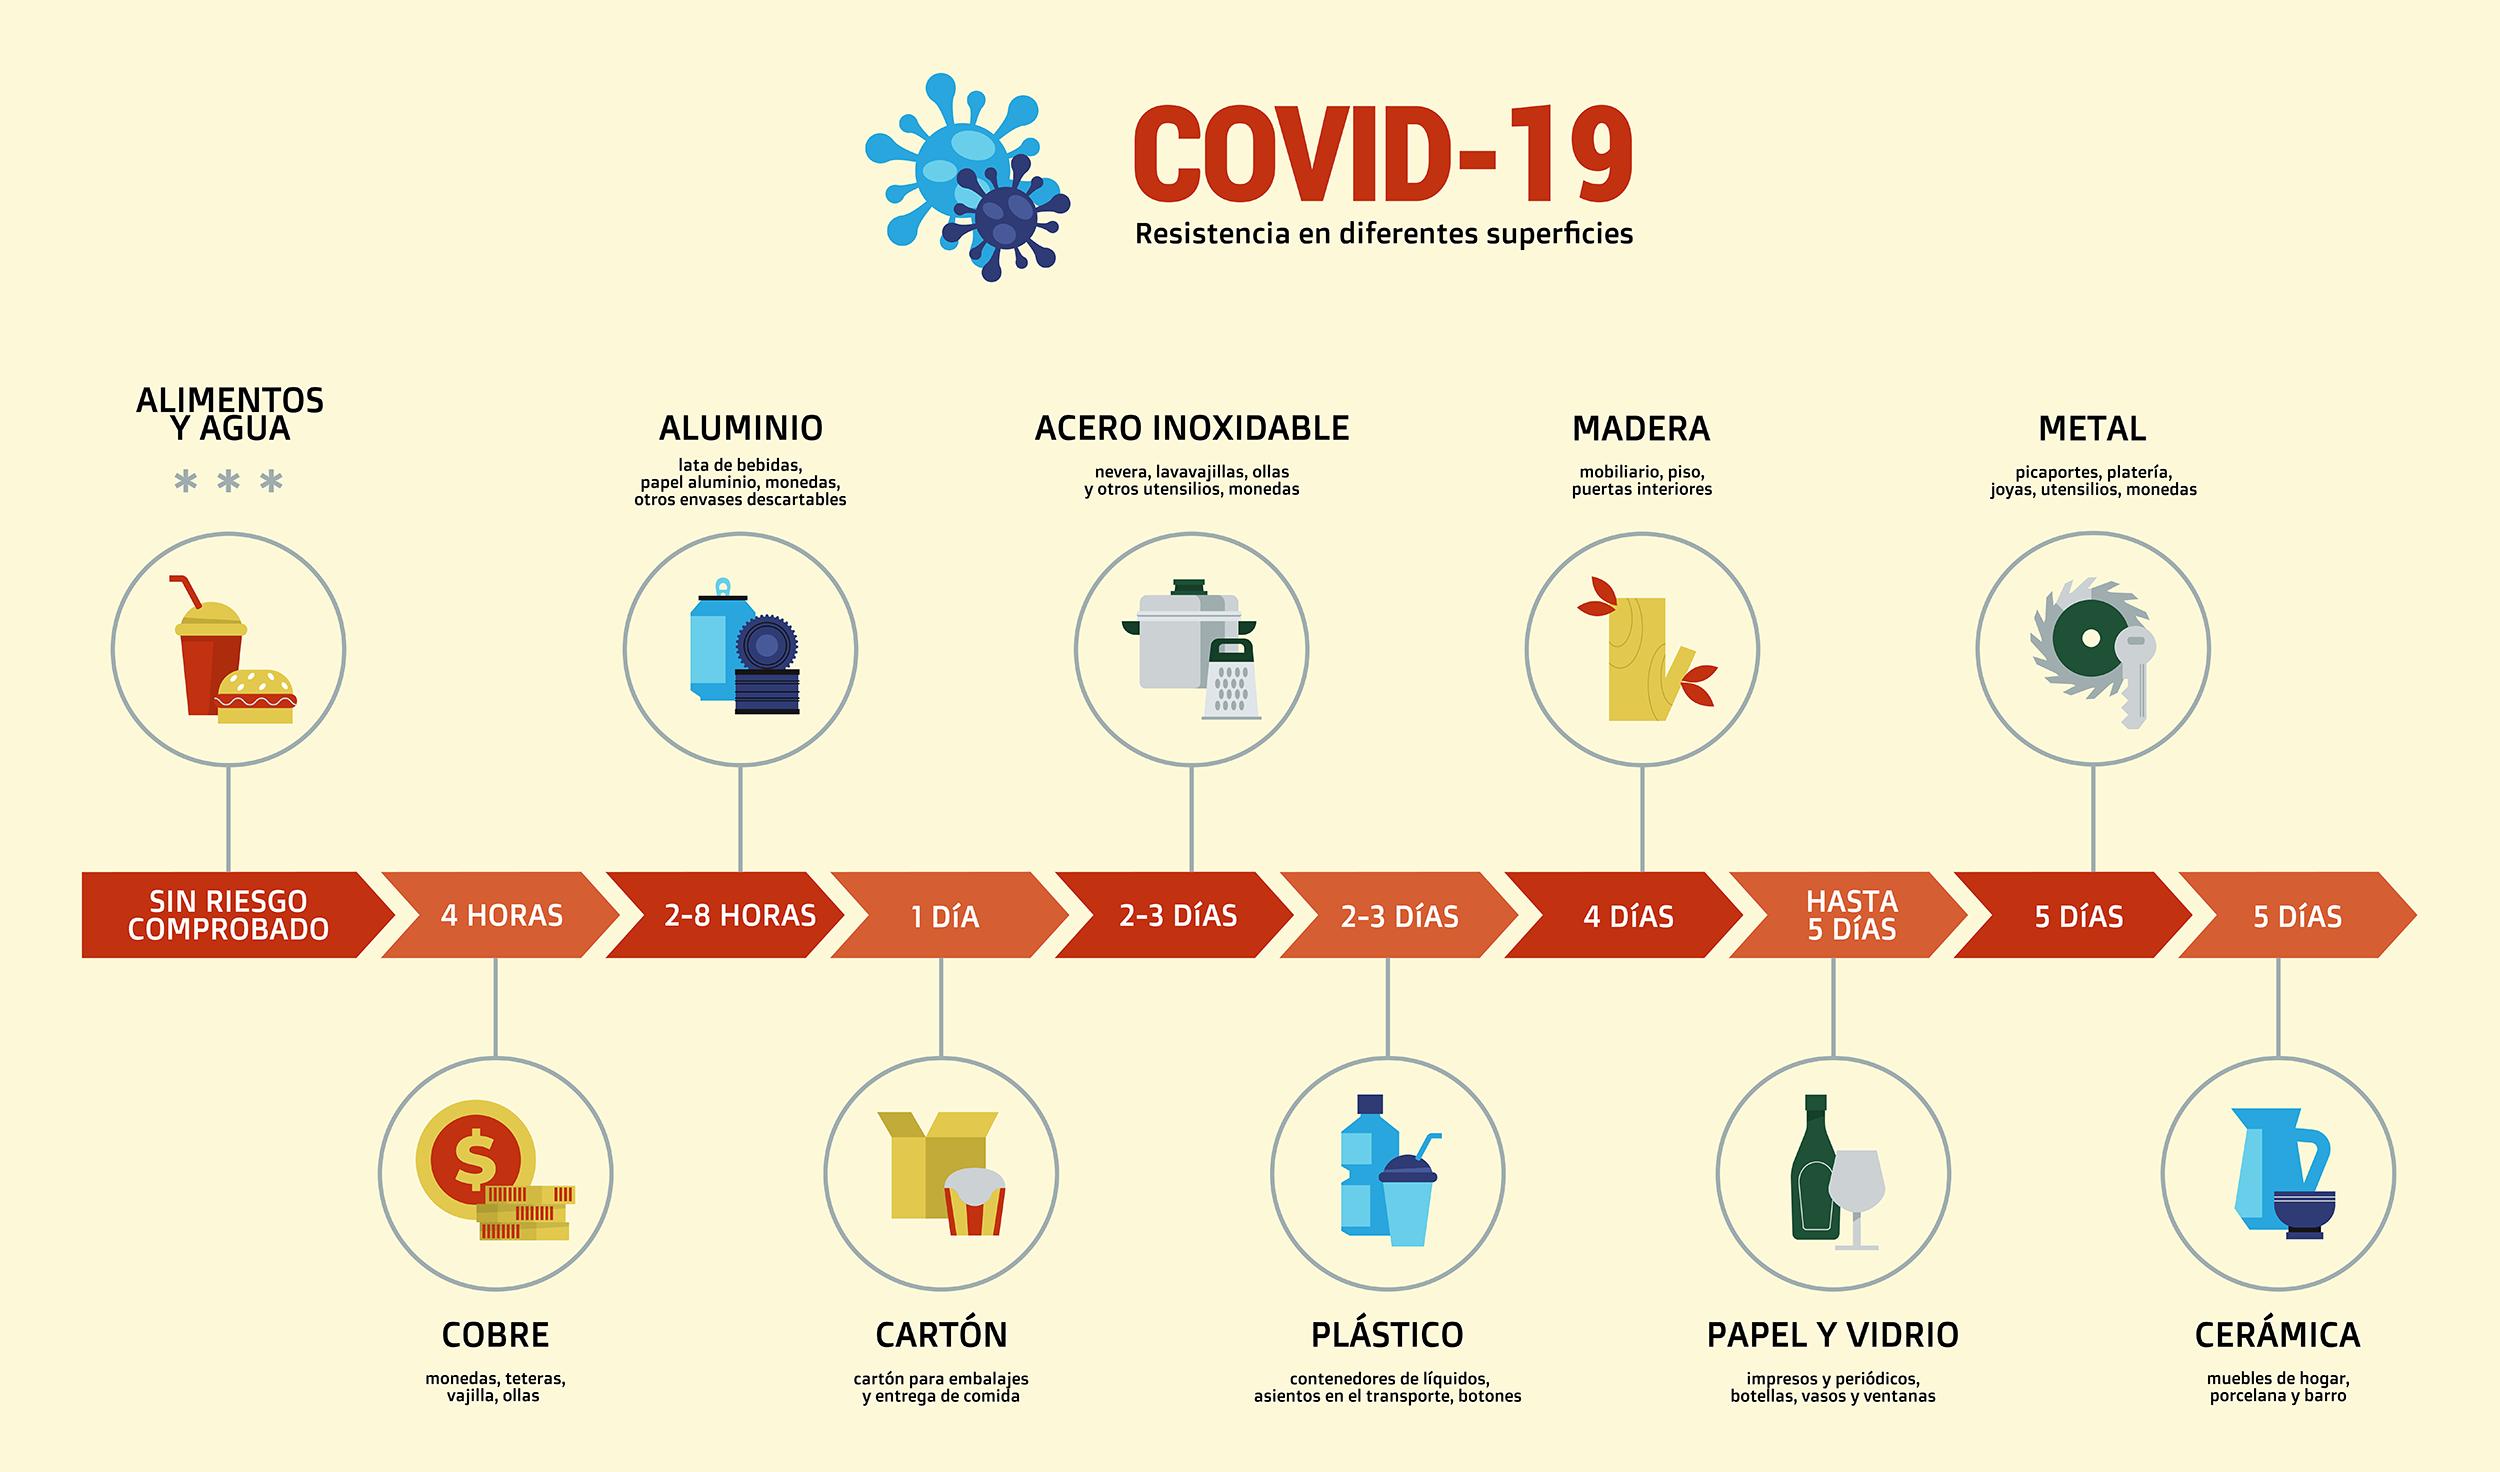 covid-19 en las superficies